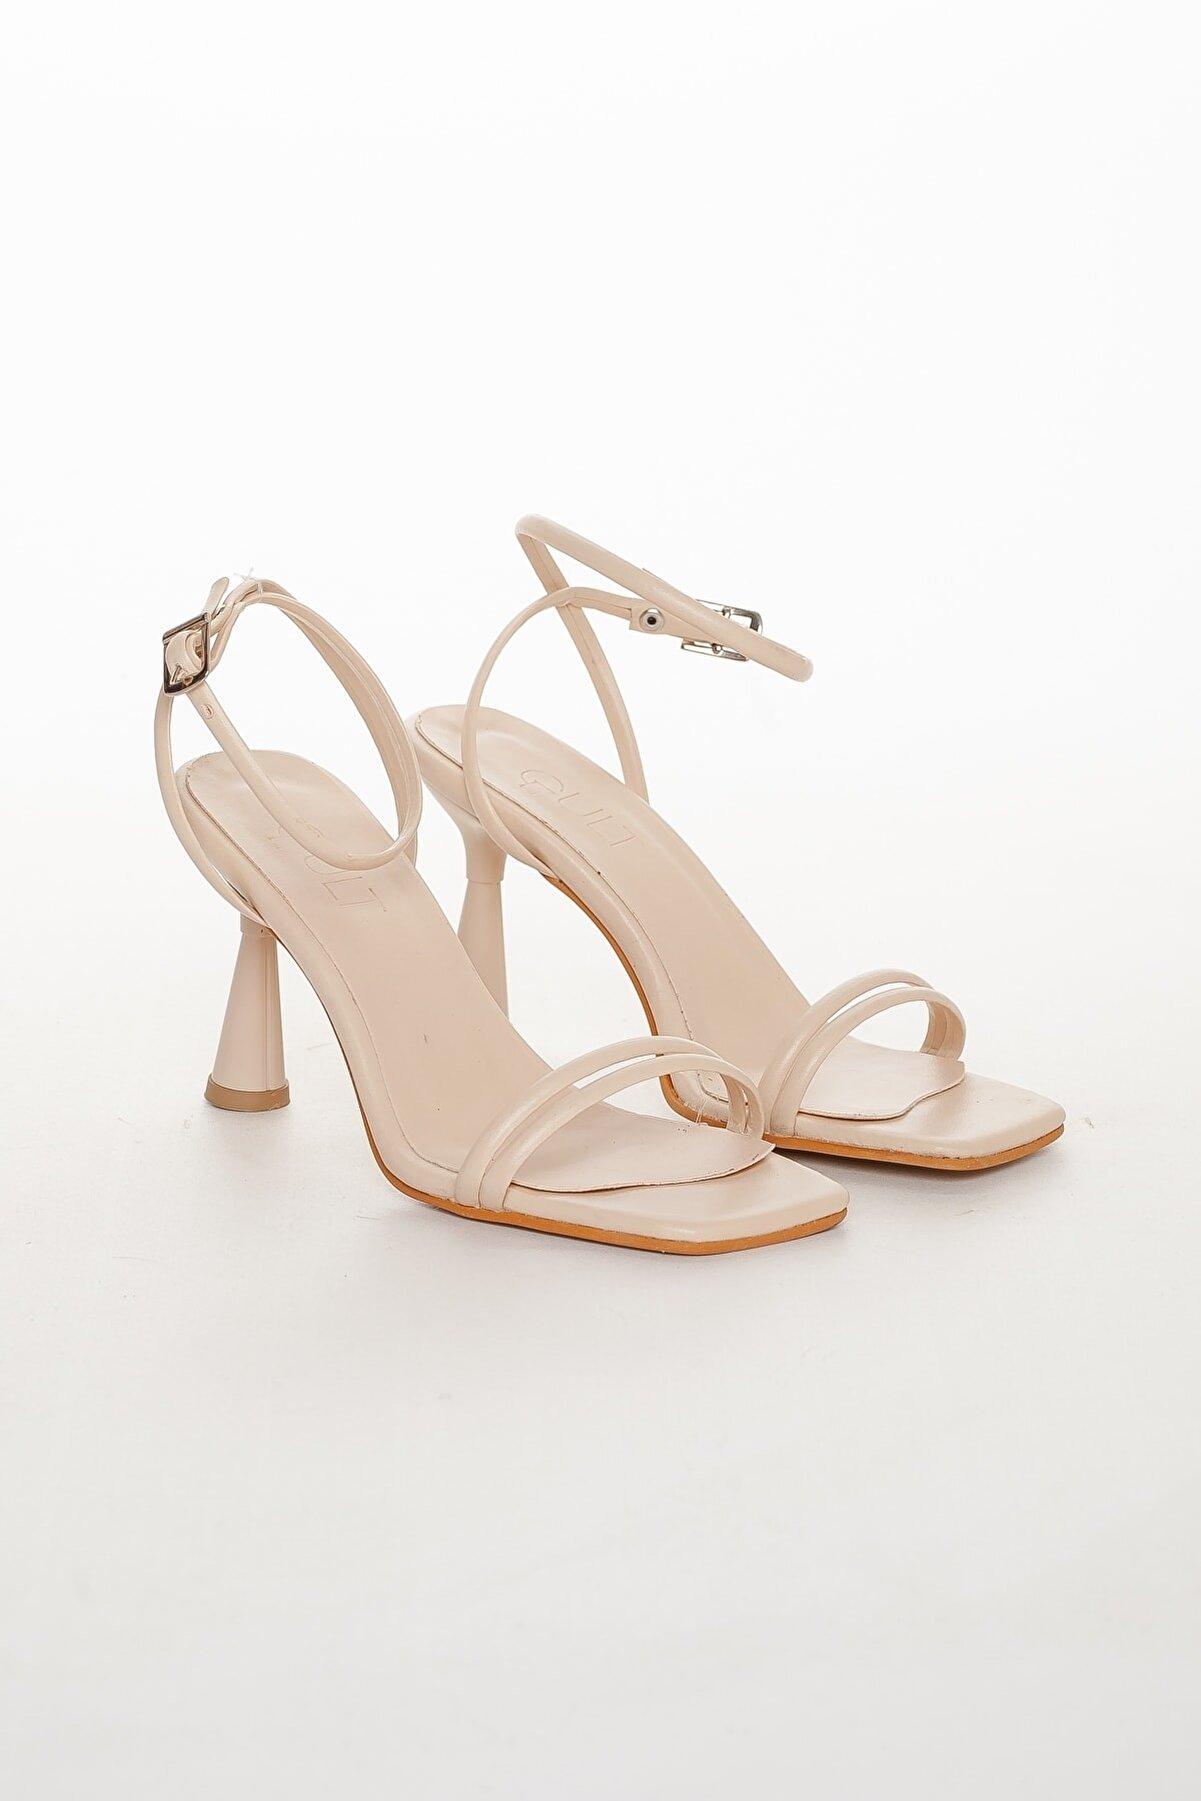 GULT Kadın Bej Yazlık Topuklu Ayakkabı